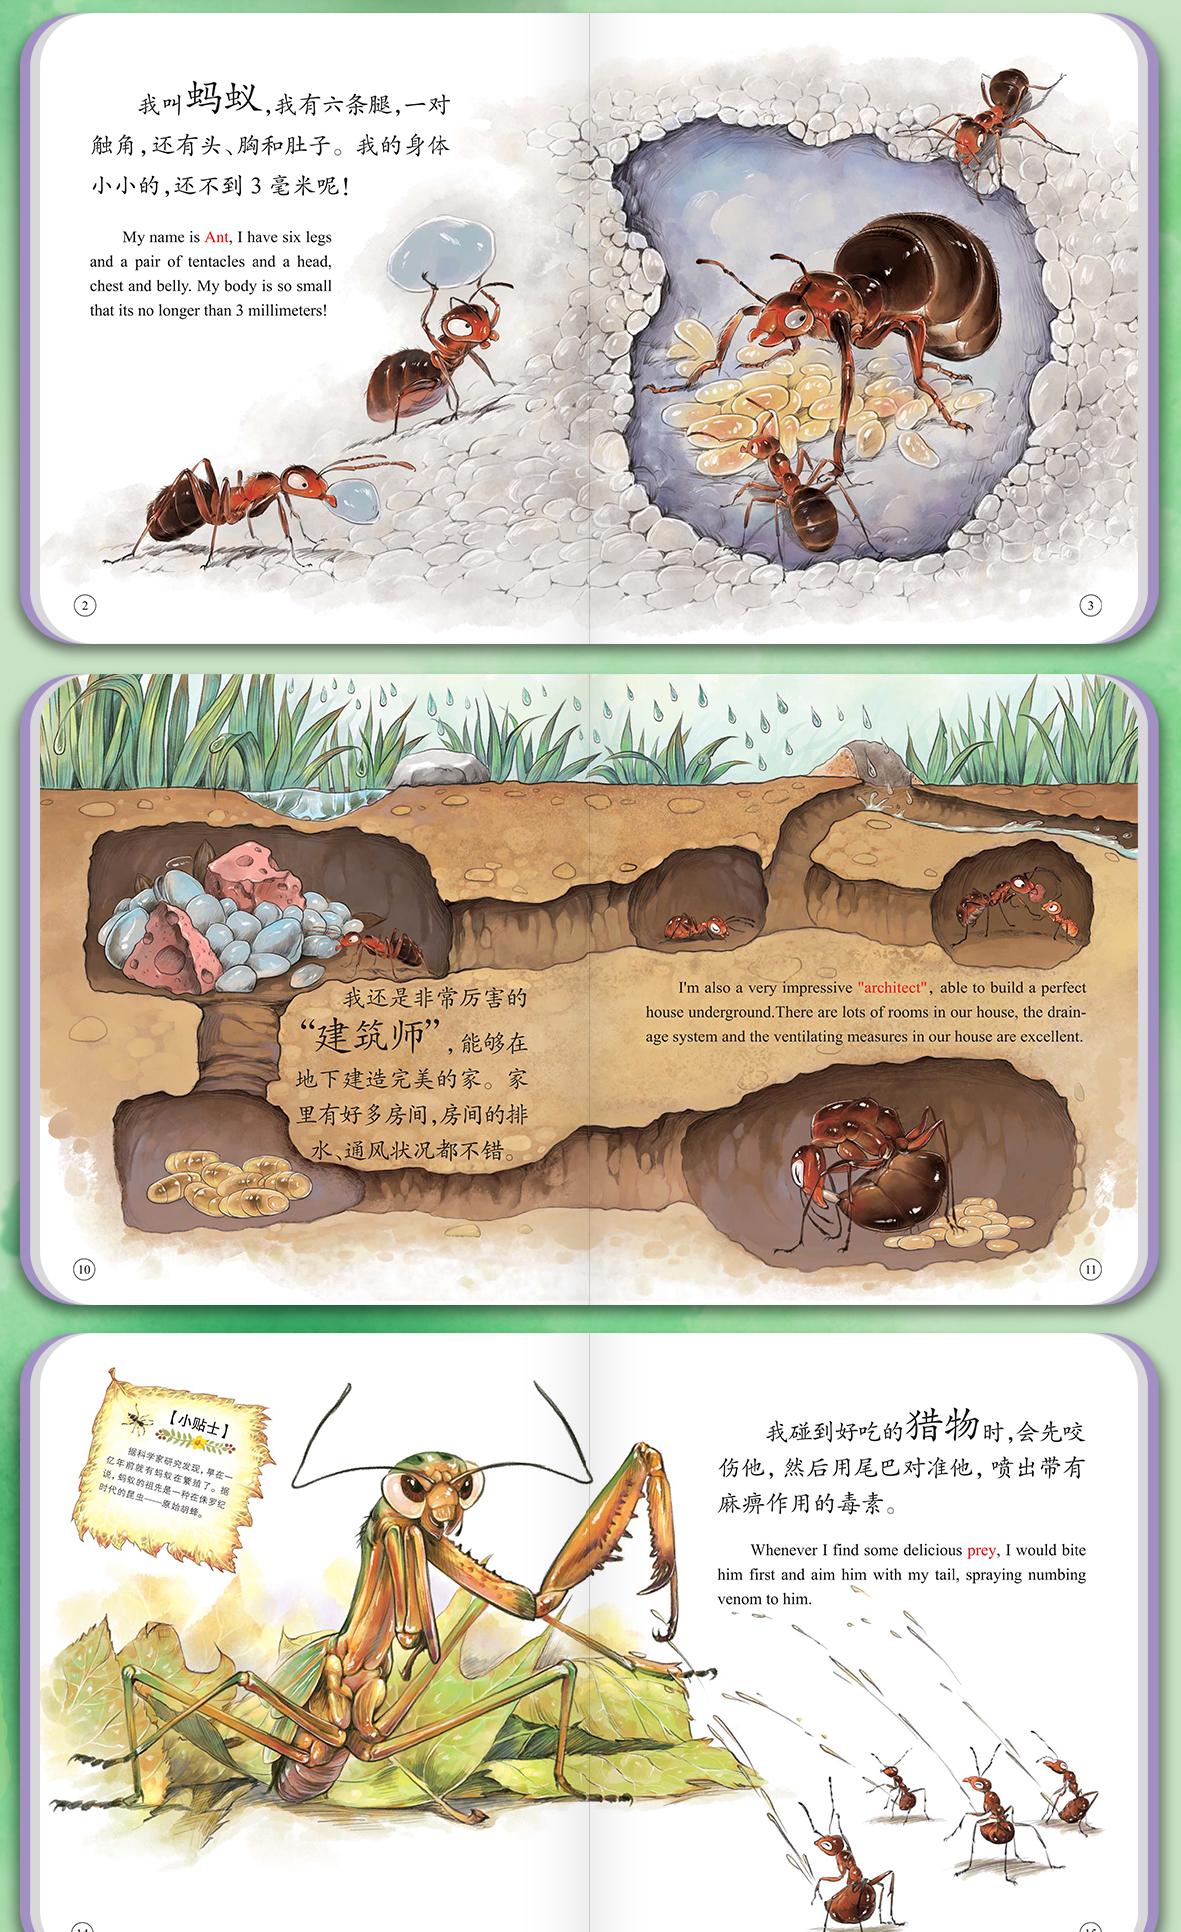 昆虫详情_13.jpg